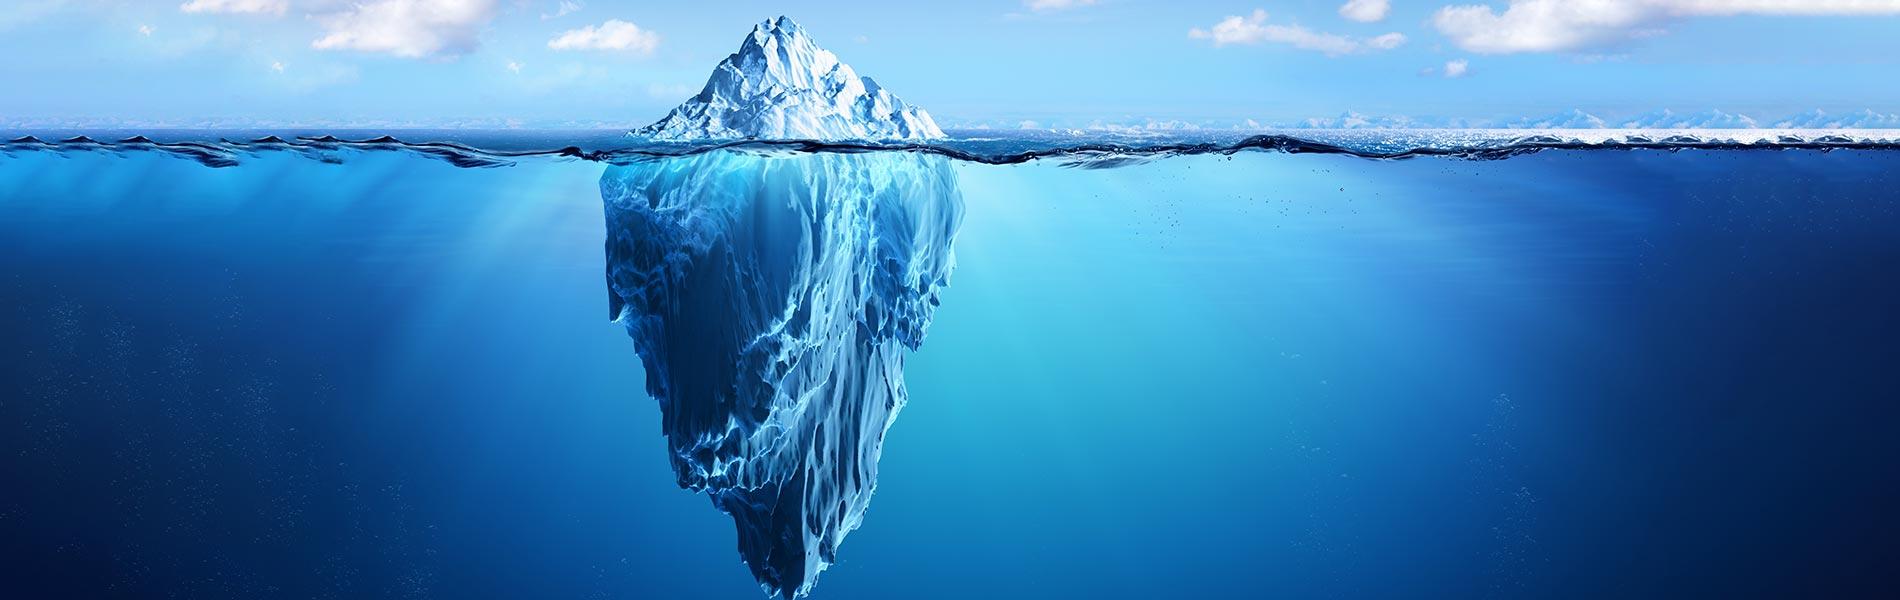 CRM er som et isbjerg